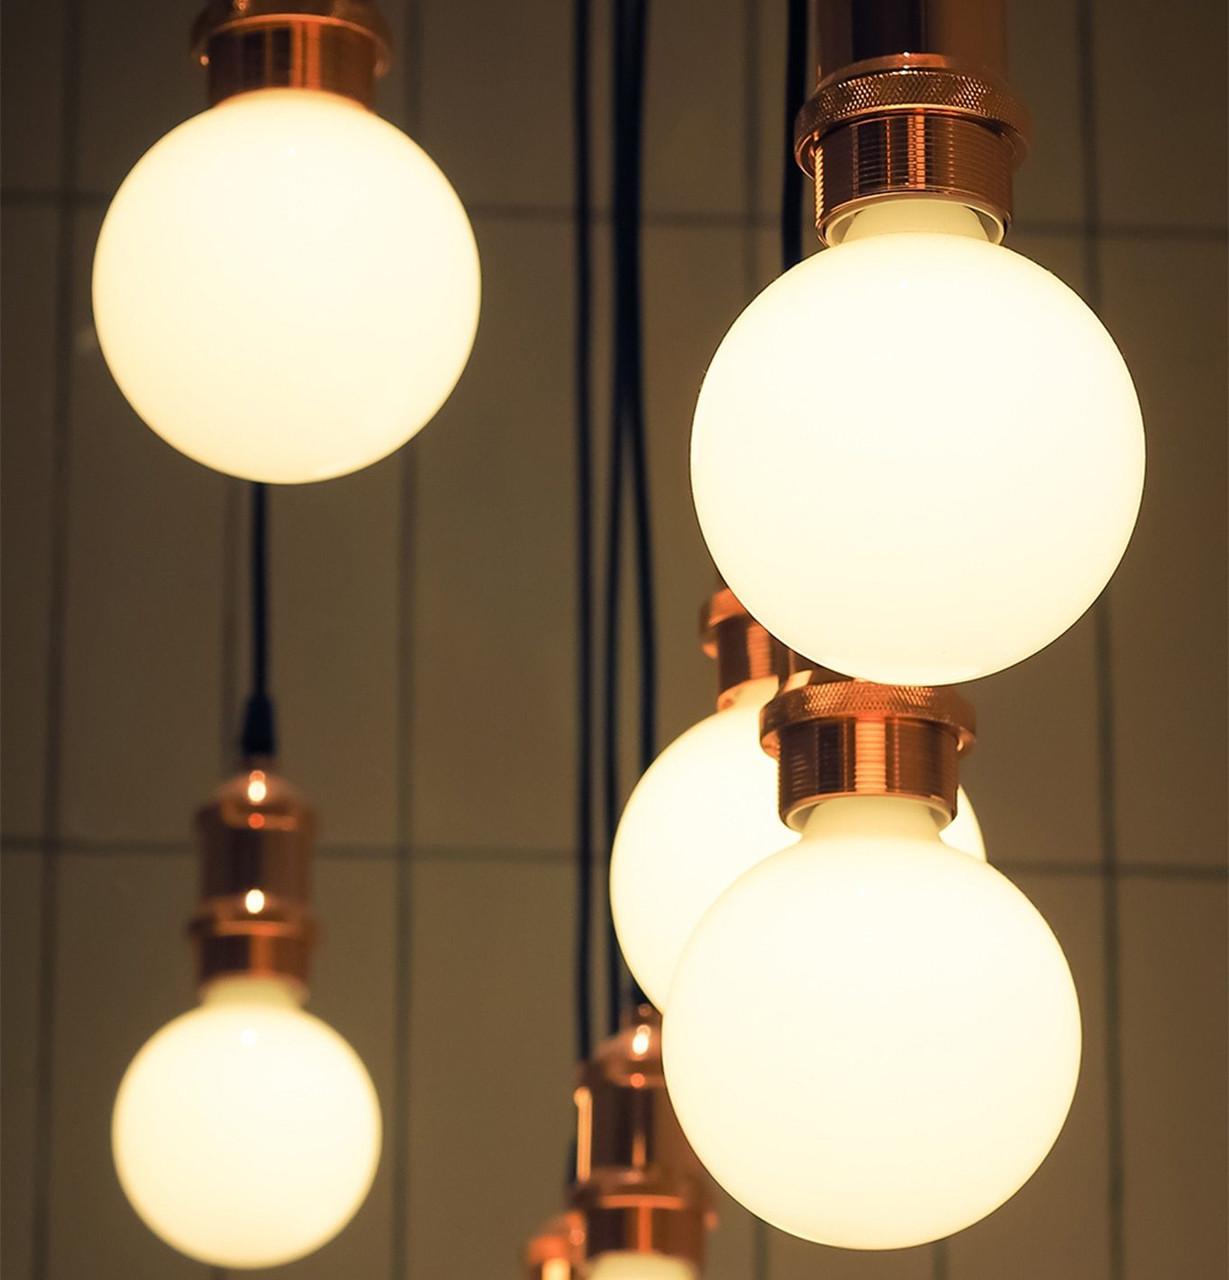 LED G125 Screw Light Bulbs